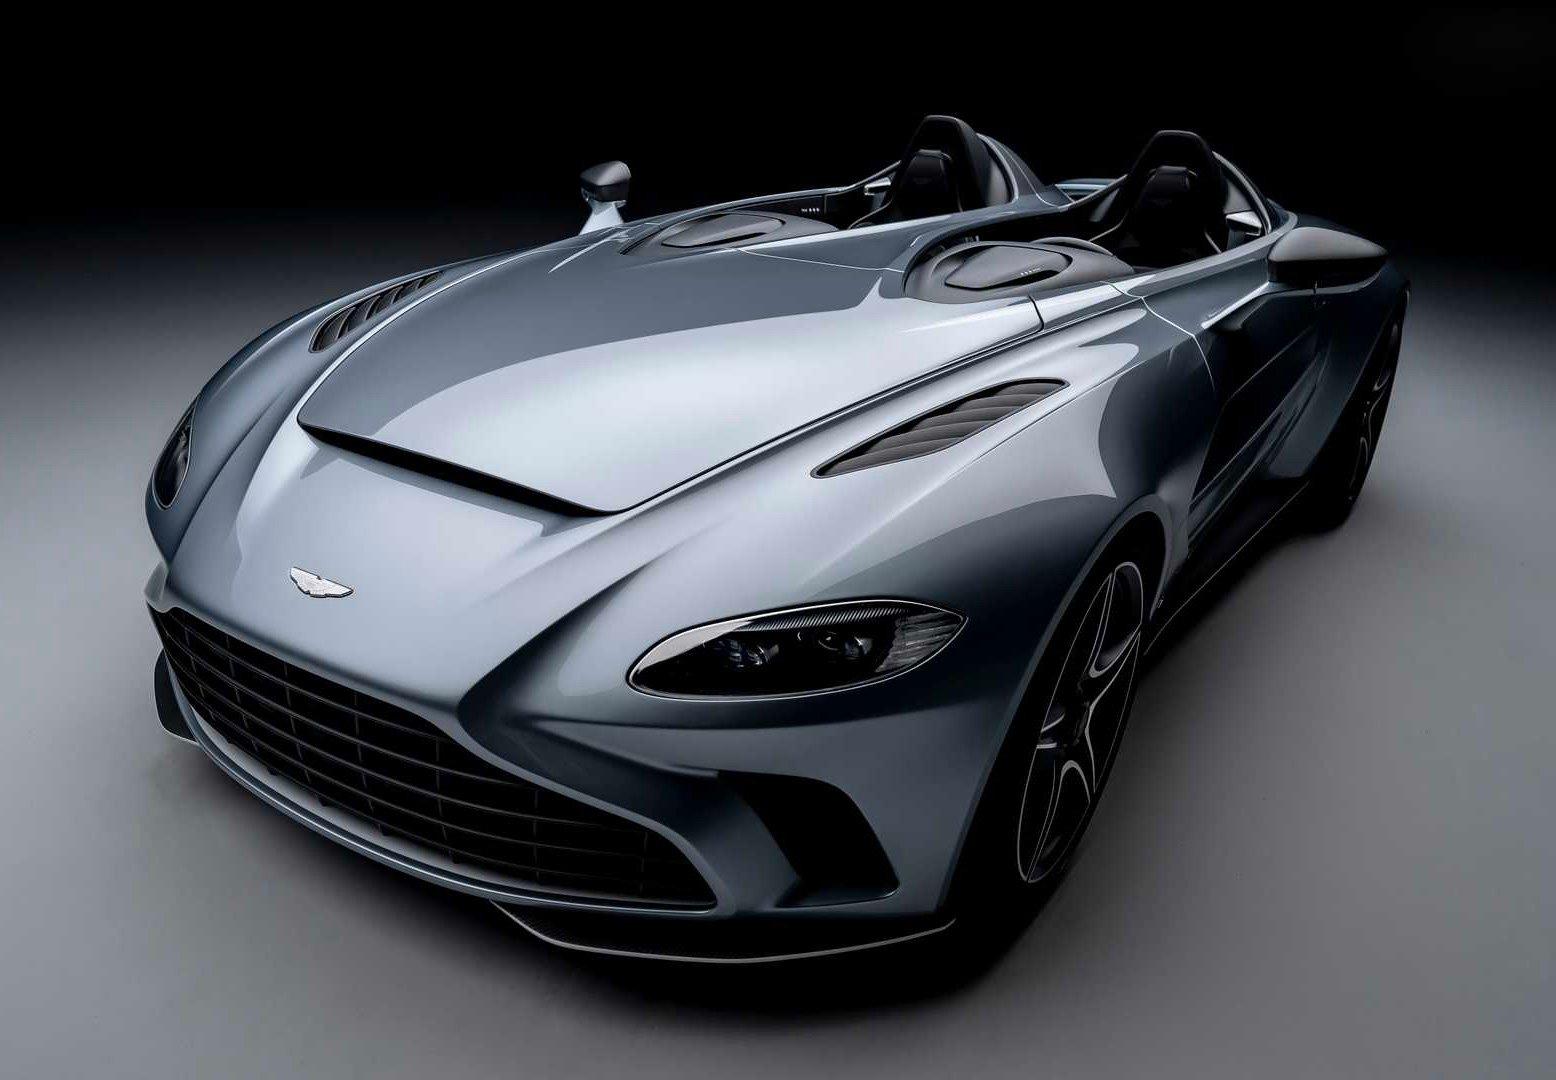 Aston Martin Rolls Out Roofless V12 Speedster at werd.com